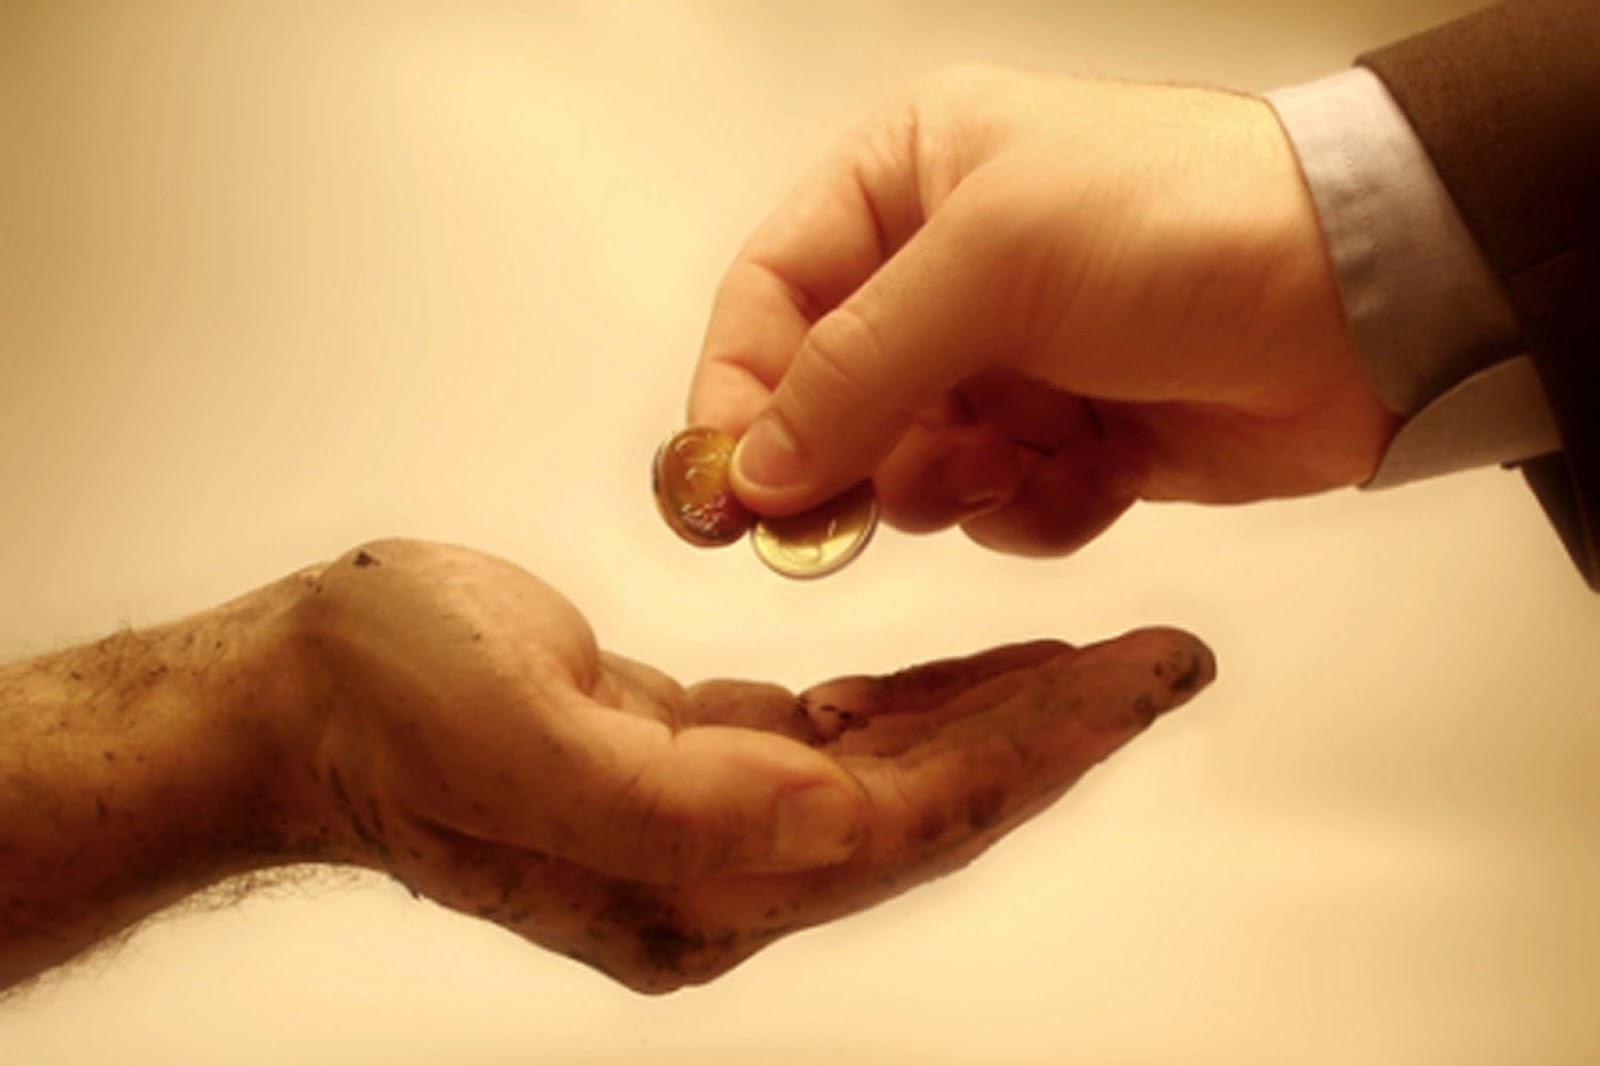 Negara Dan Filantropi Islam Studi Undang-Undang Wakaf Nomor 41 Tahun 2004  - Filantropi Islam Dan Kemiskinan - Negara Dan Filantropi Islam Studi Undang-Undang Wakaf Nomor 41 Tahun 2004